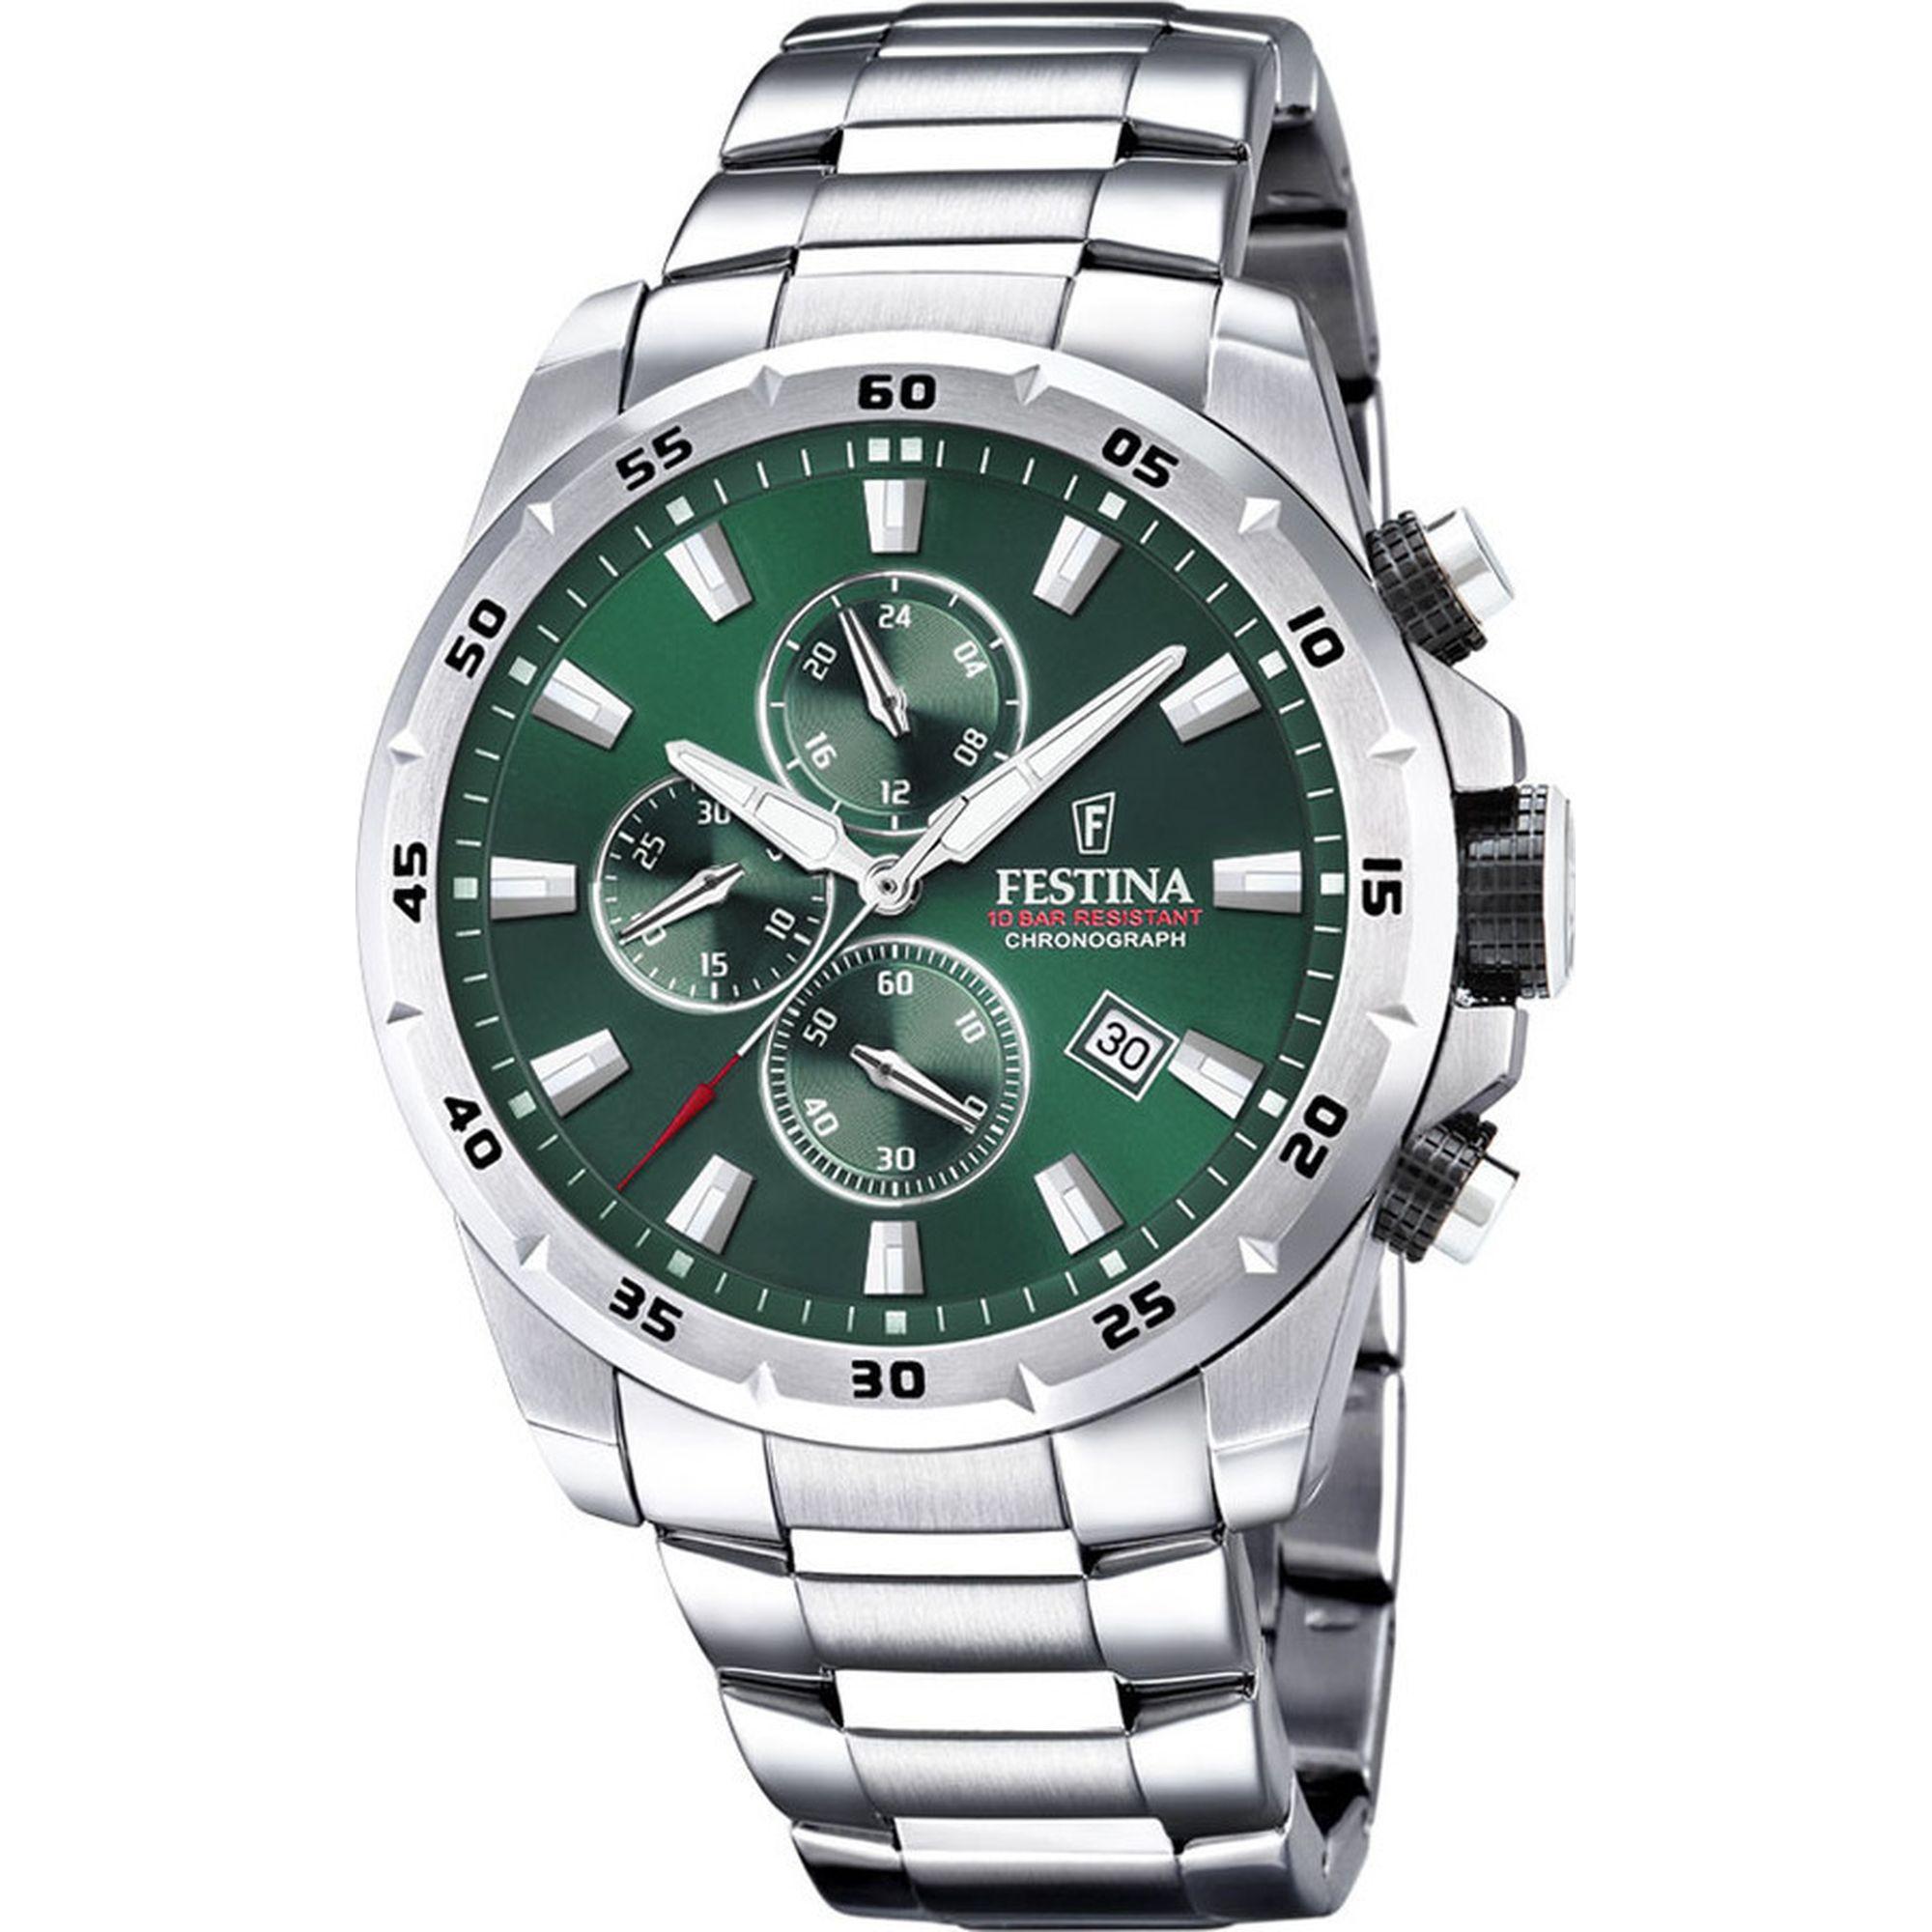 Ρολόι Festina Chrono Sport Χρονογράφος με Πράσινο Καντράν F20463/3